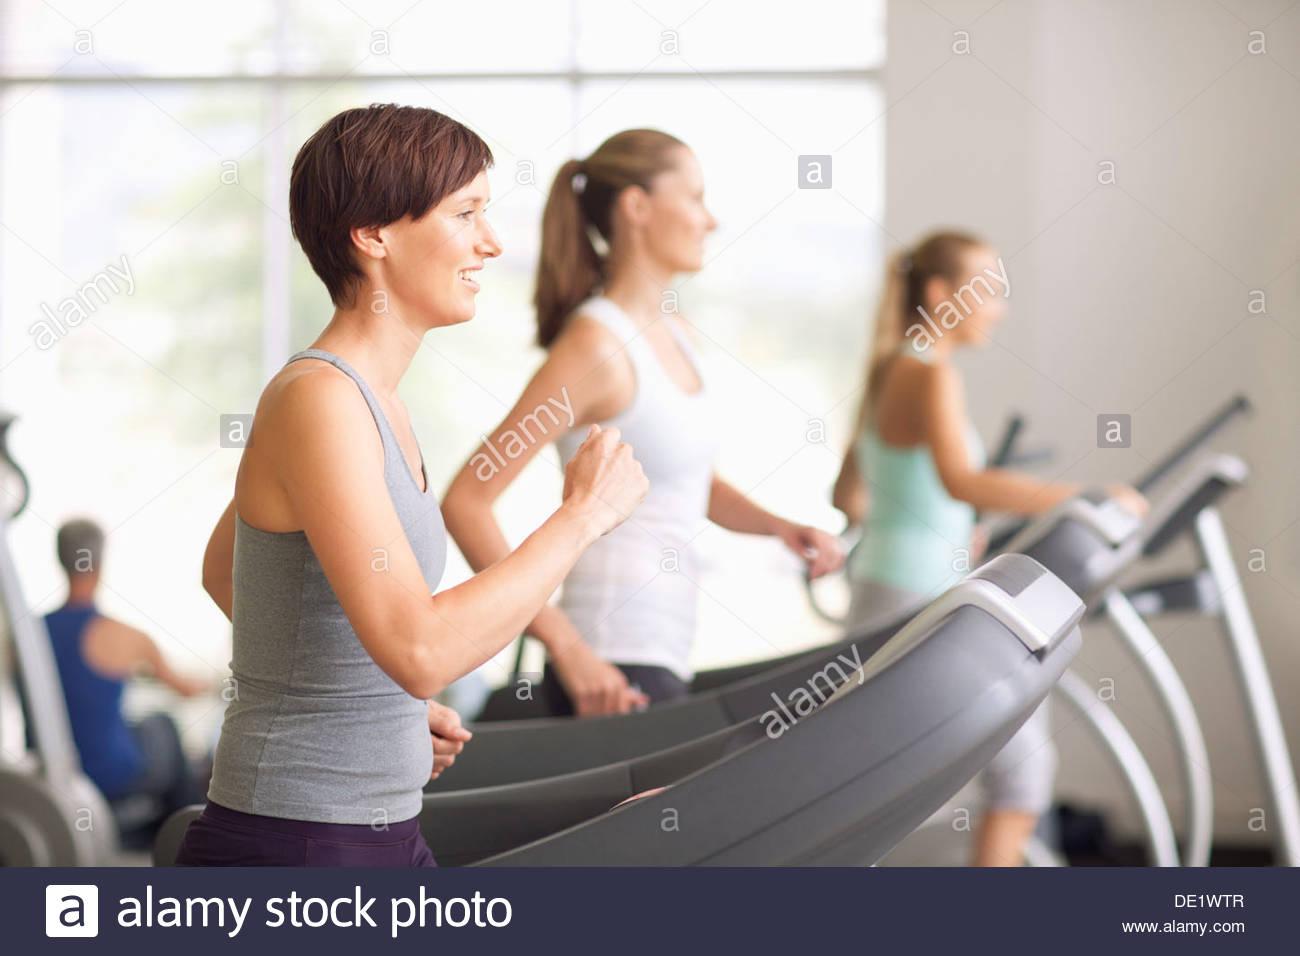 Porträt von lächelnden Frauen laufen auf Laufbändern im gymnasium Stockbild